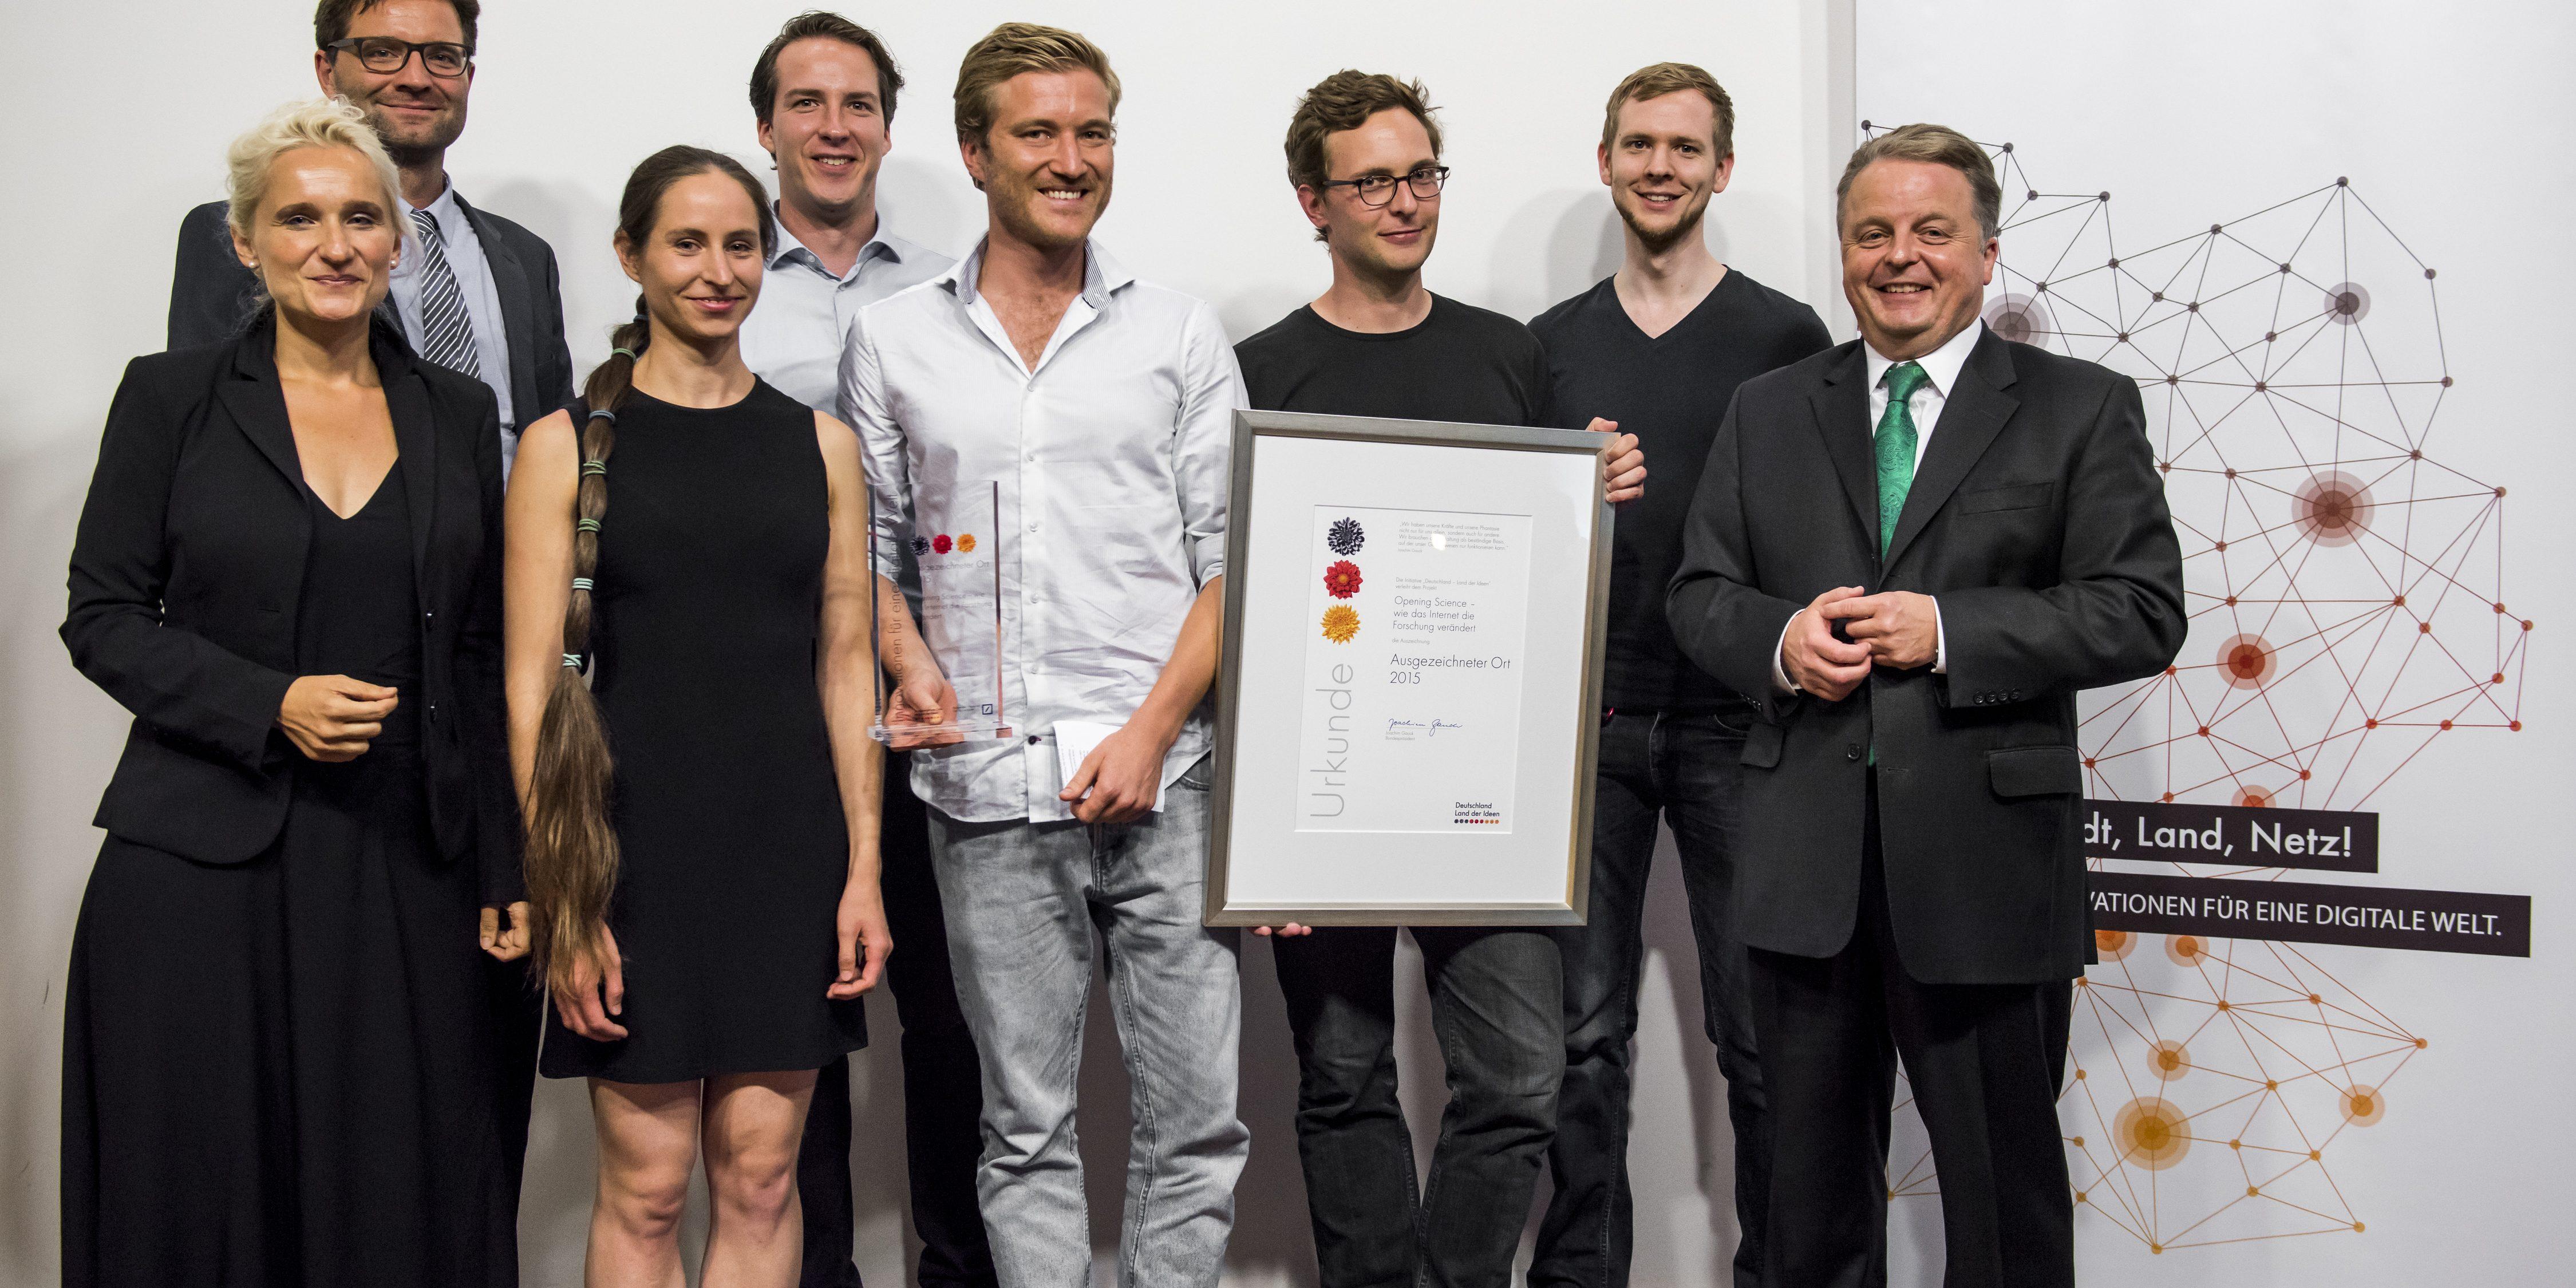 """Am 26. August 2015 erhielt das Projekt """"Opening Science - wie das Internet die Forschung verändert"""" die Auszeichnung als """"Ausgezeichneter Ort 2015"""""""